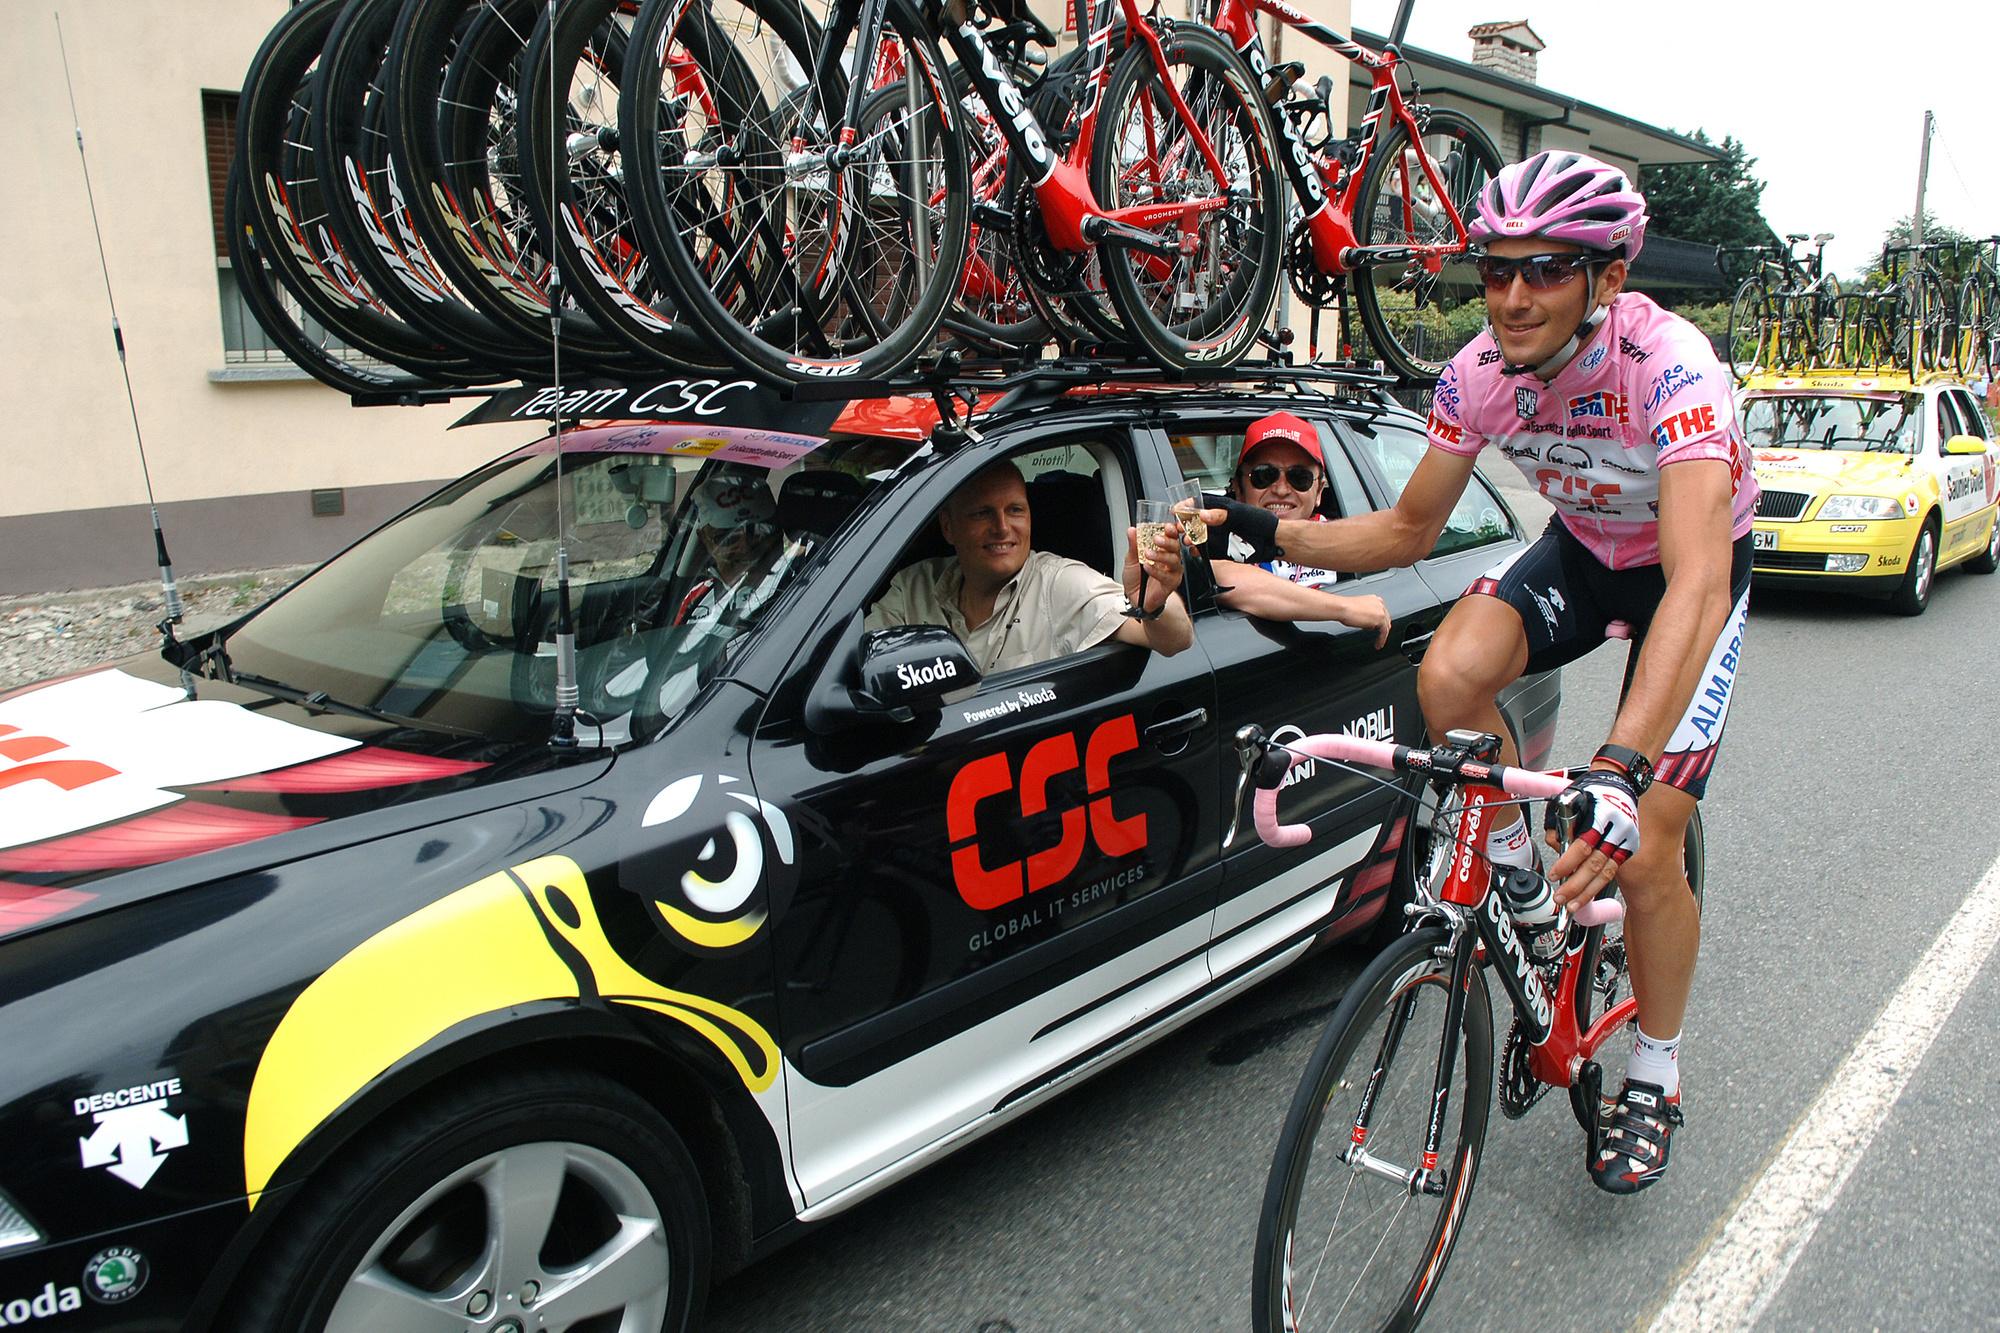 Basso bij zijn overwinning in de Giro in 2006 met ploegleider Bjarne Riis in de auti?, GETTY